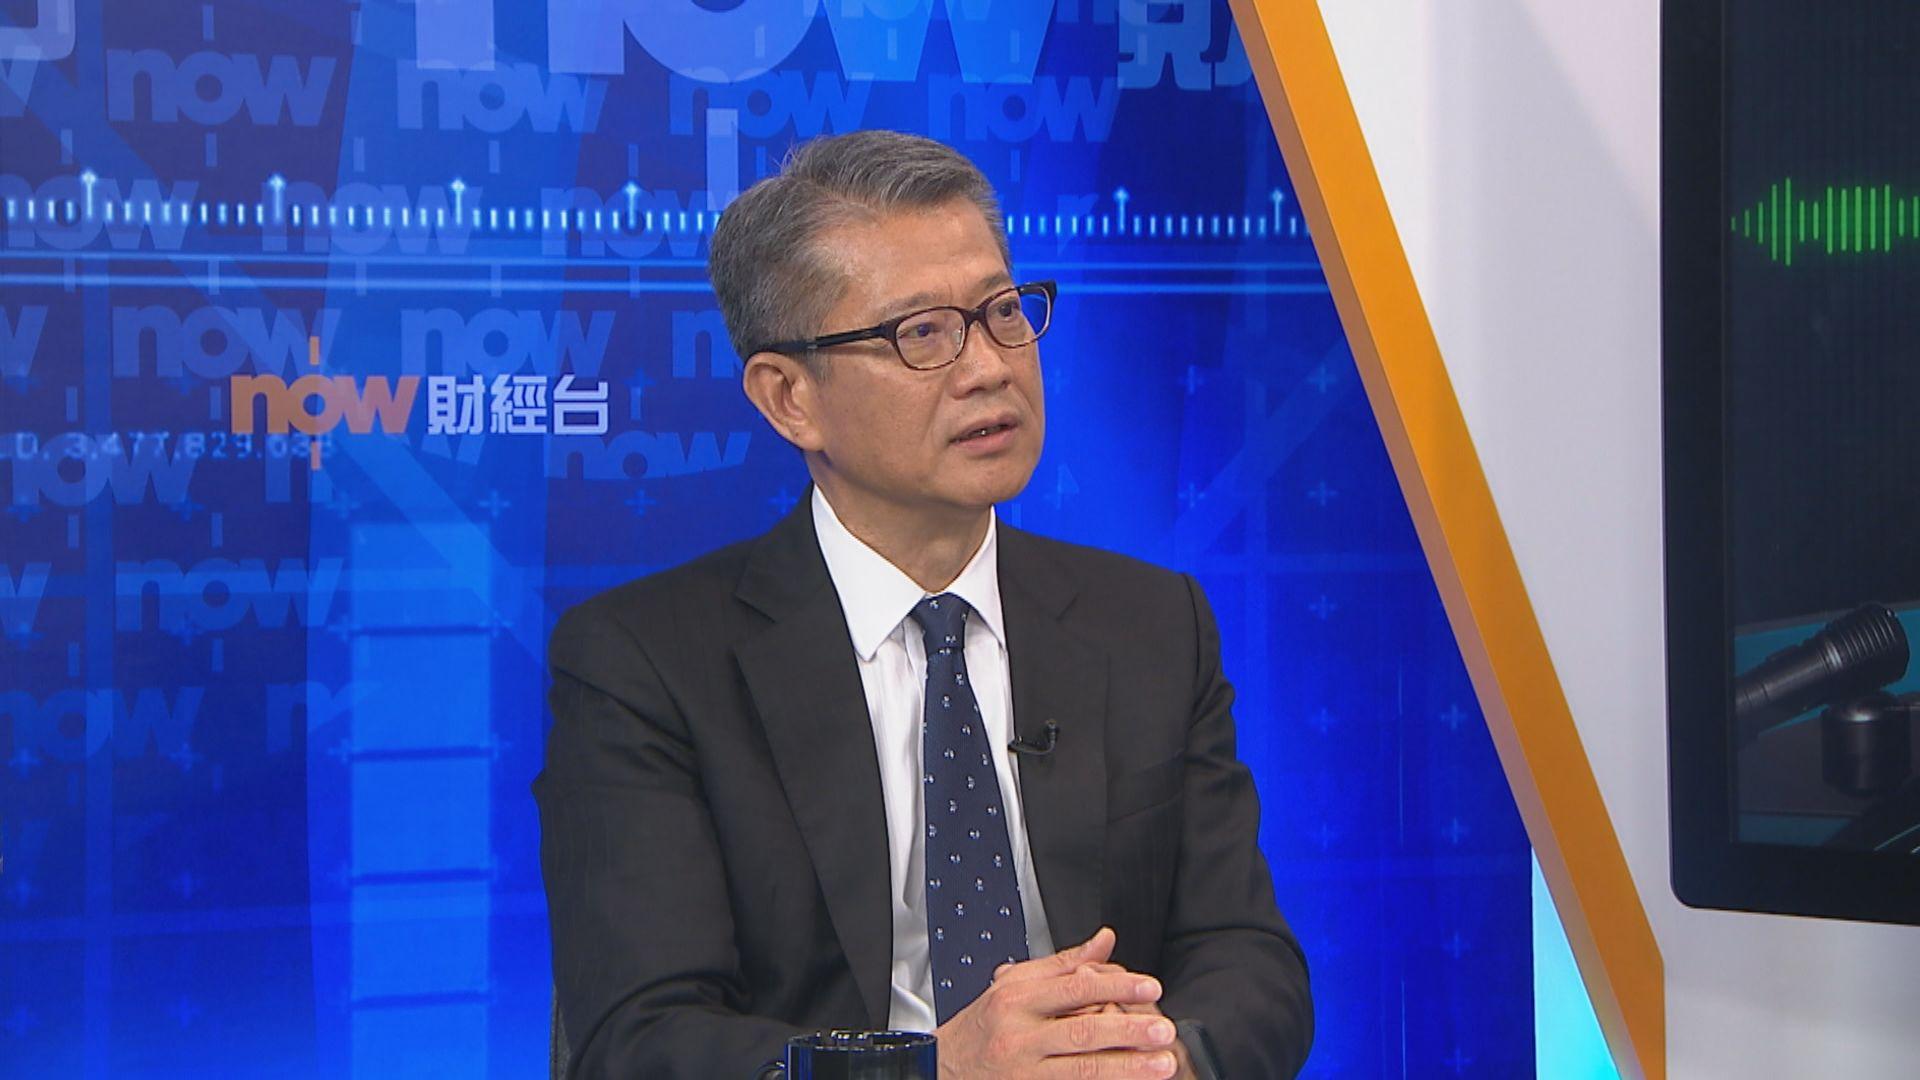 陳茂波料失業率勢破16年高位